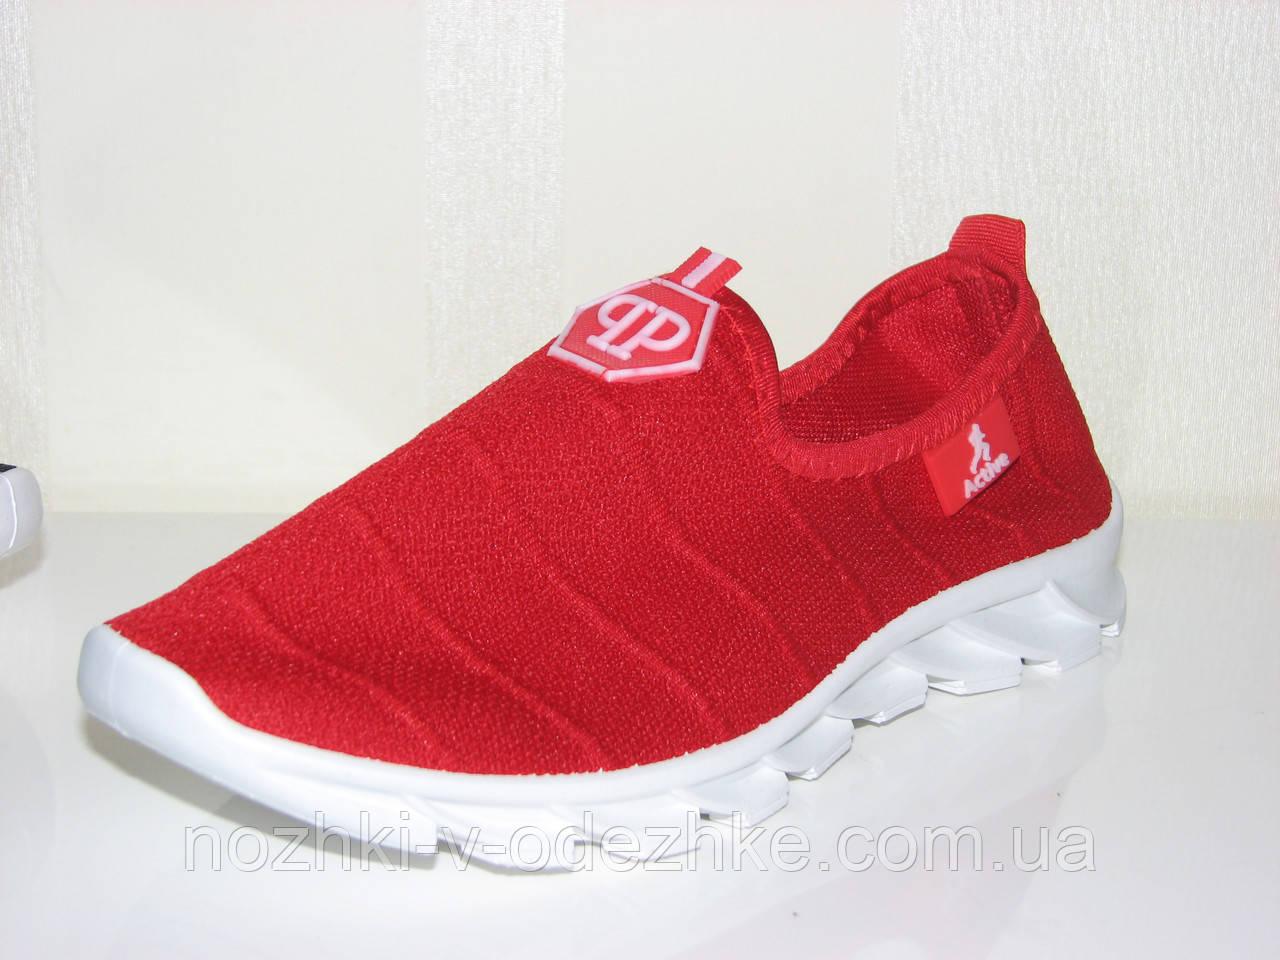 Тканевые кеды кроссовки, мокасины красные на резиновой подошве - Интернет  магазин